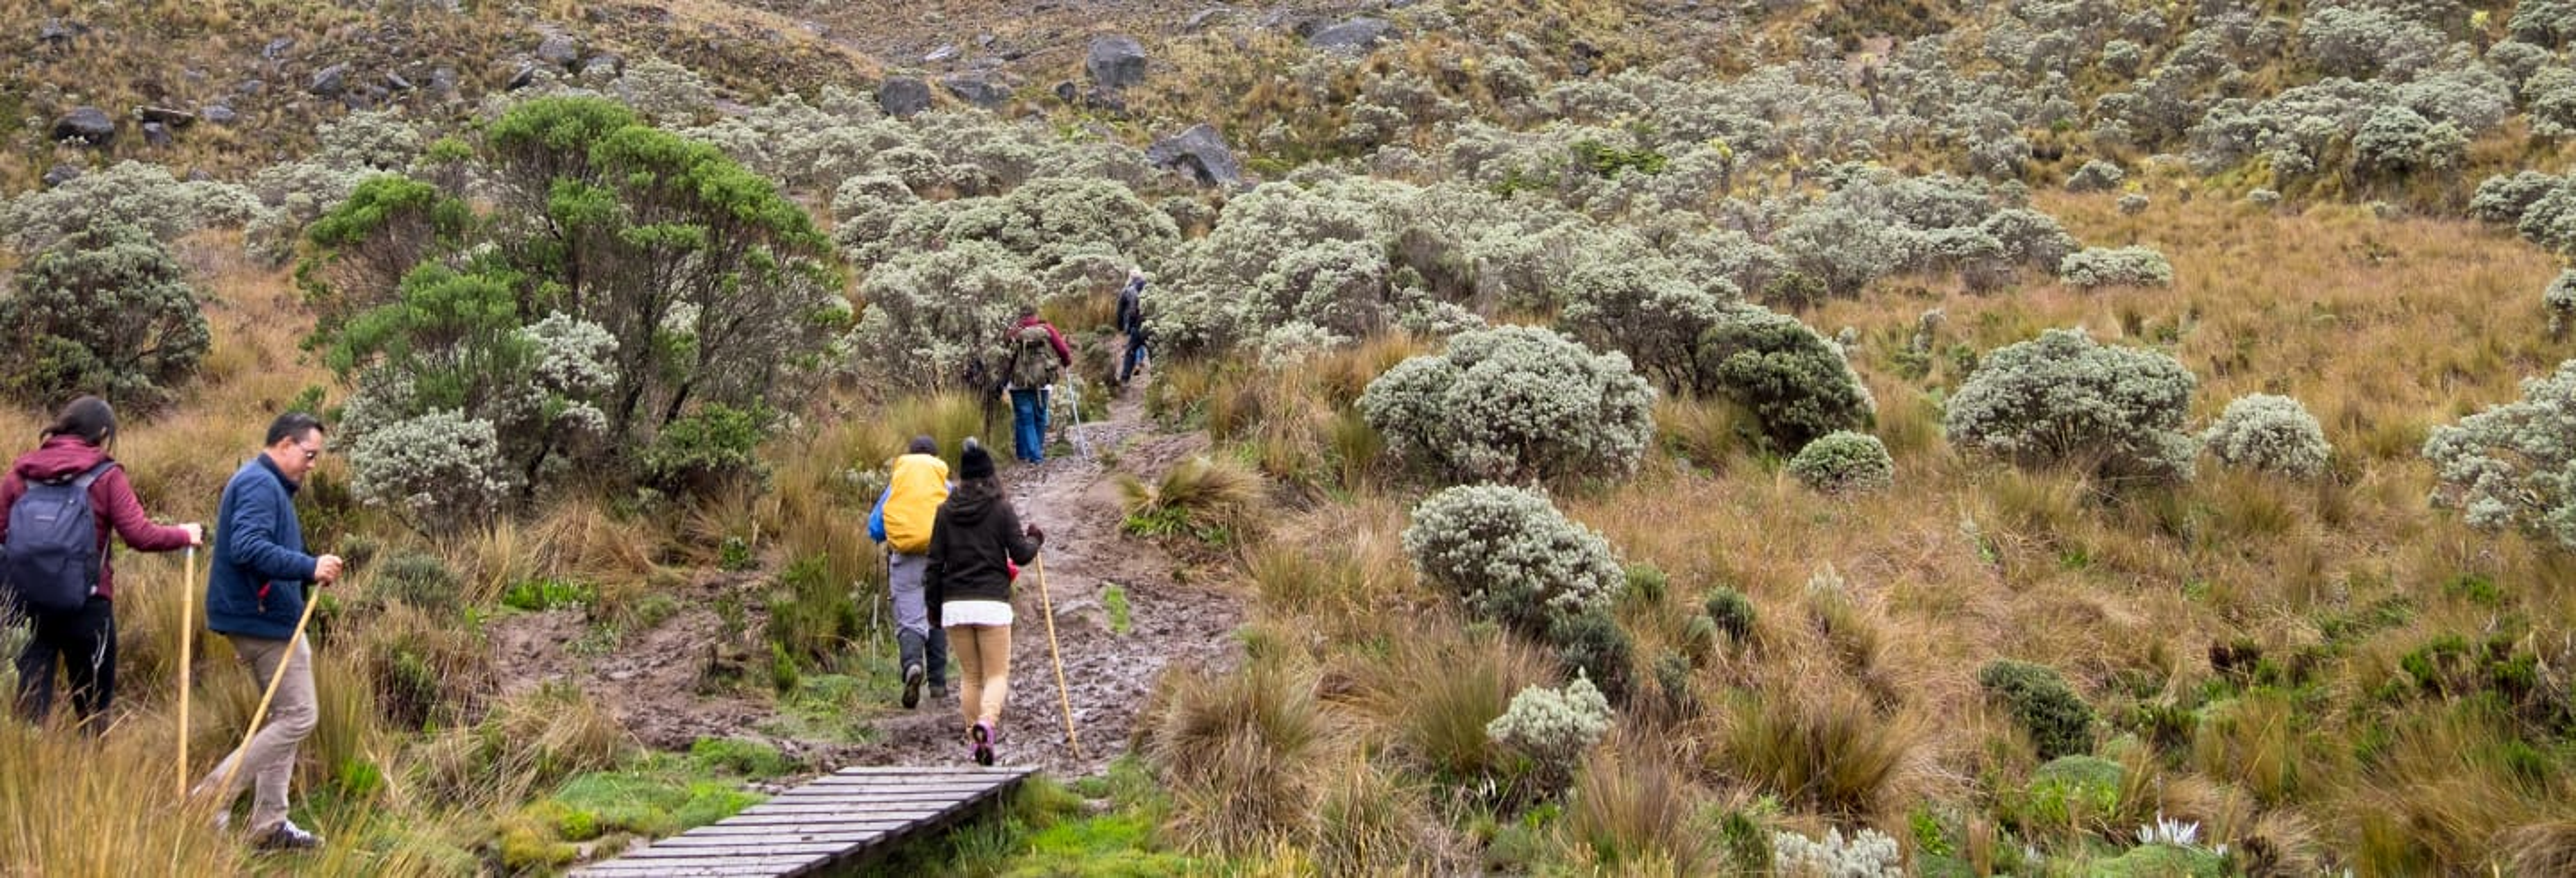 Excursión al Nevado de Santa Isabel